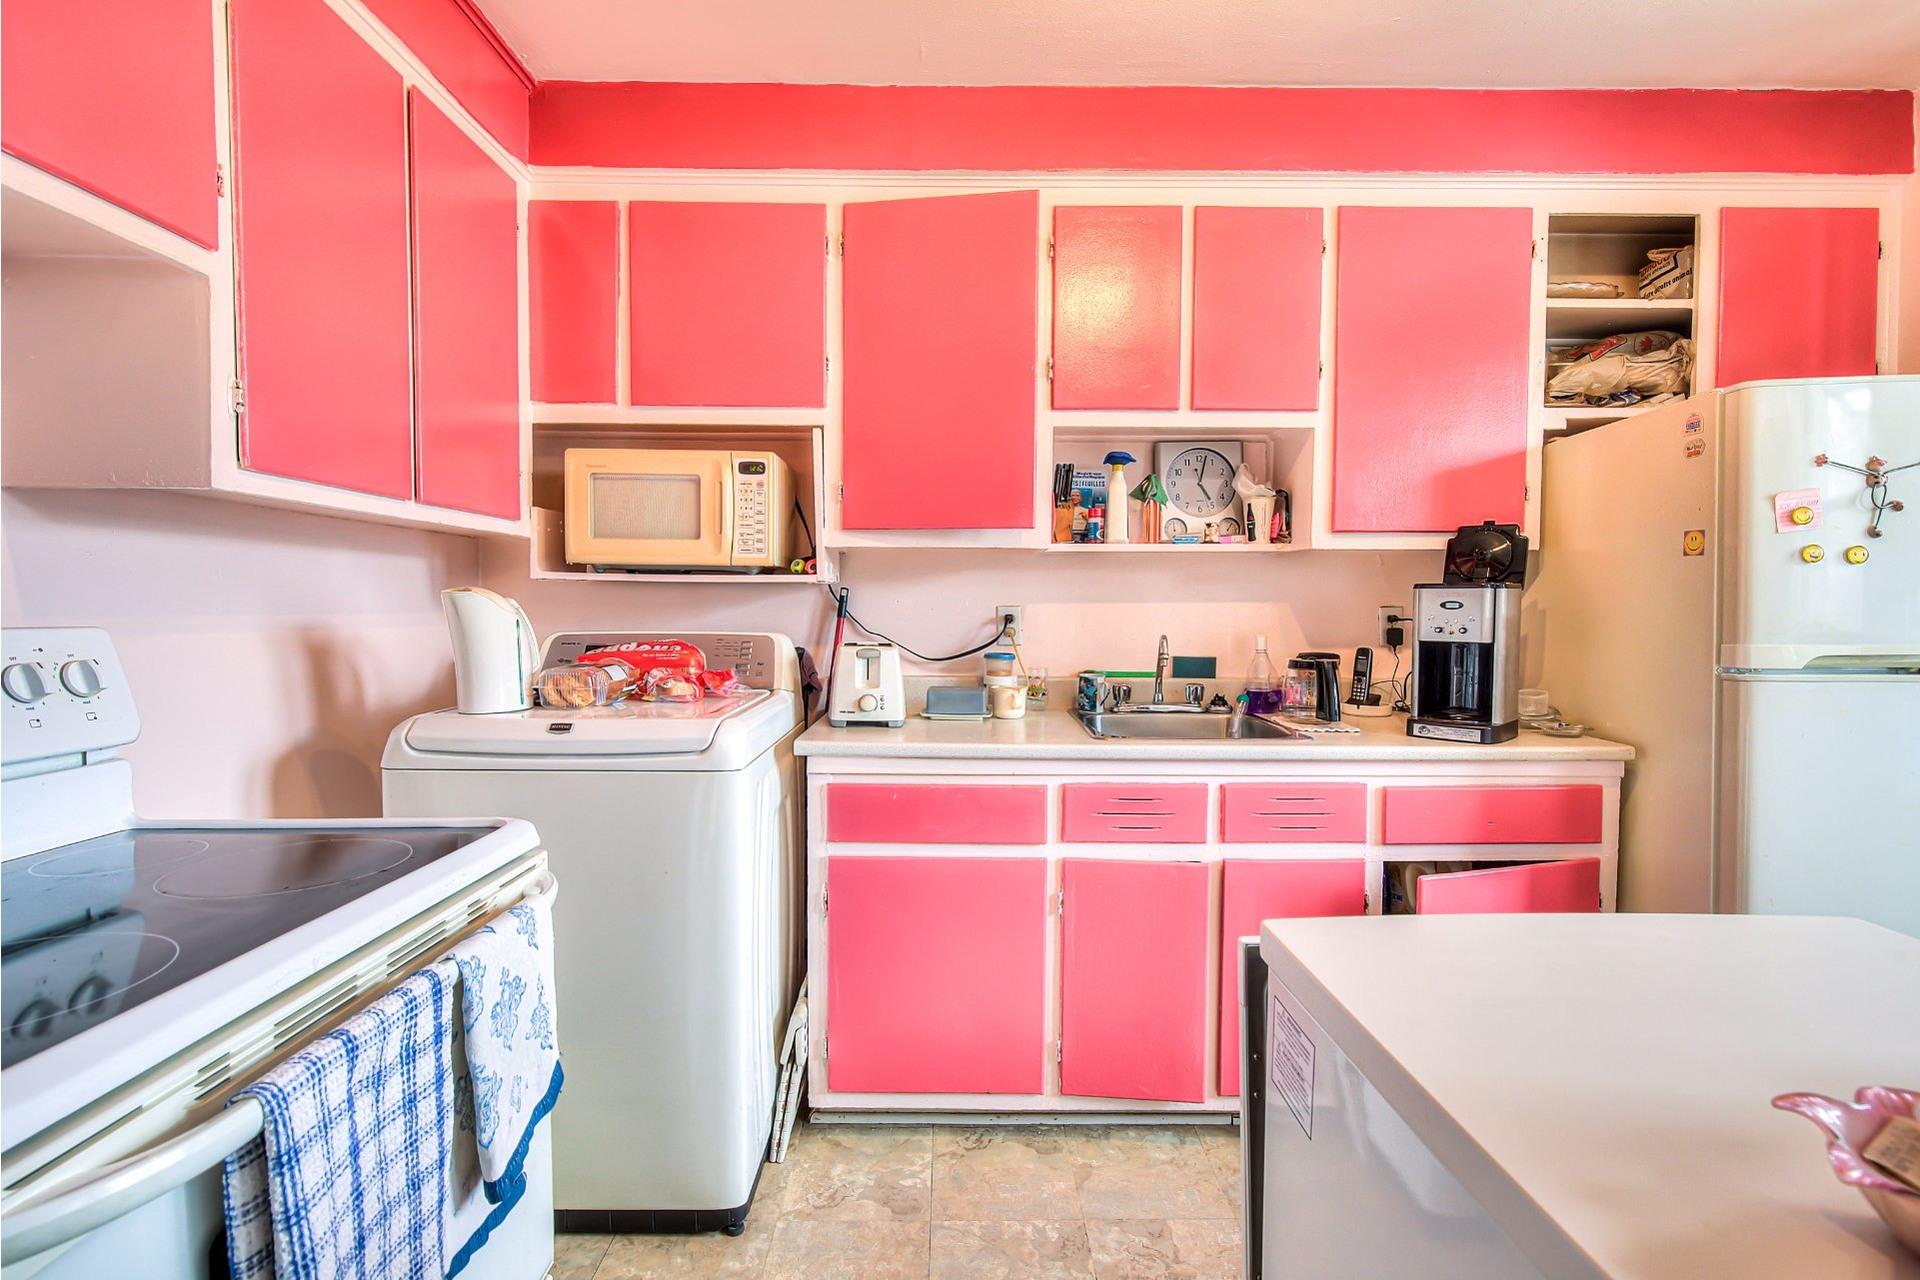 image 26 - Income property For sale Villeray/Saint-Michel/Parc-Extension Montréal  - 4 rooms